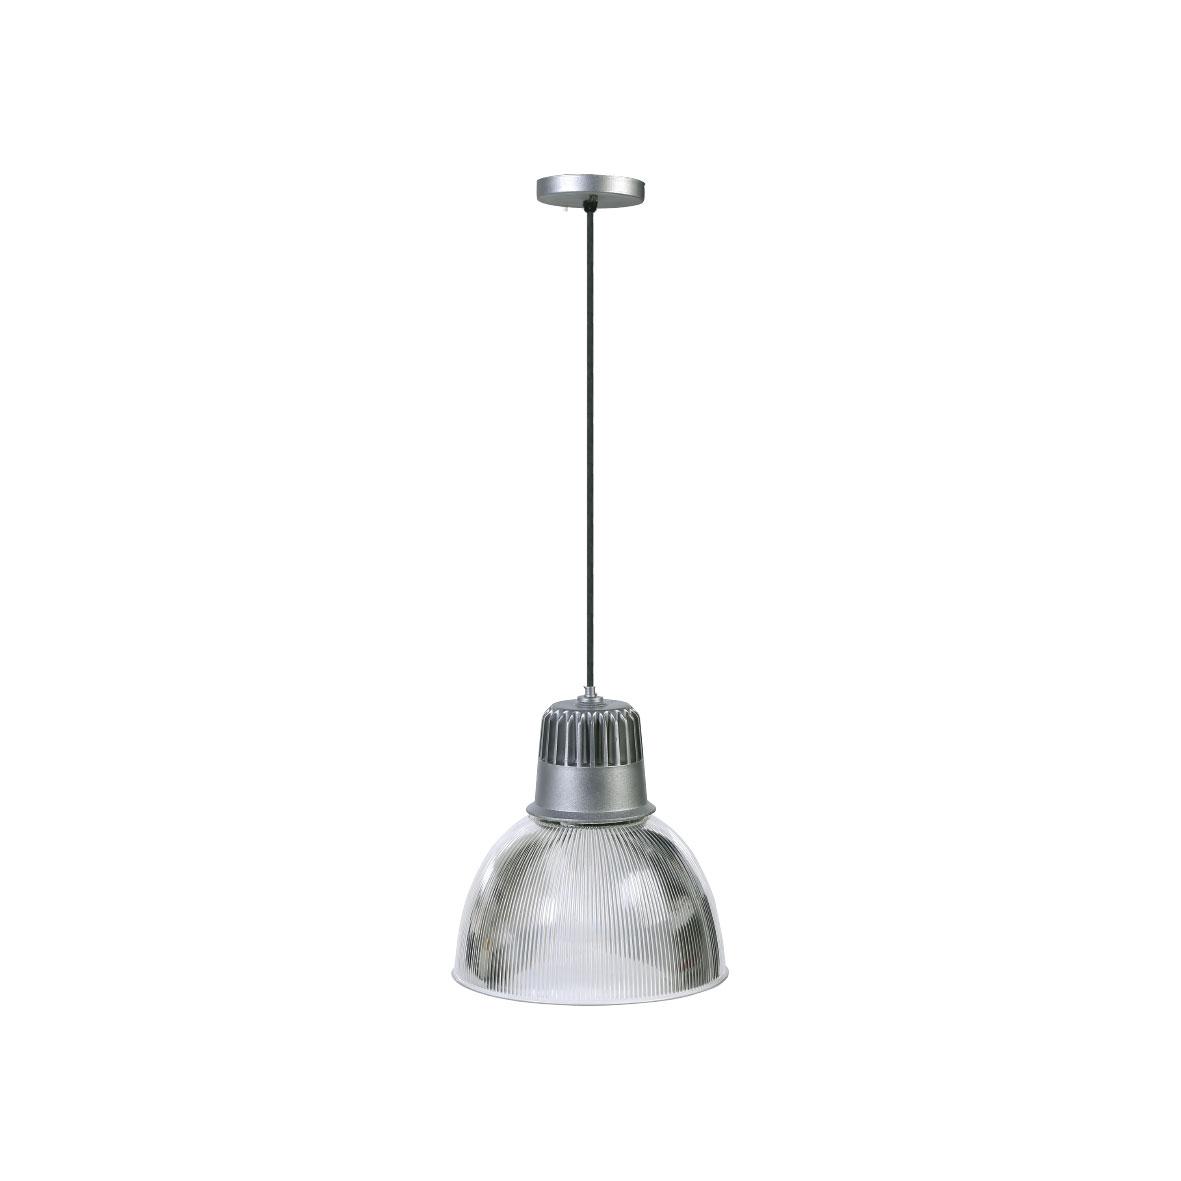 چراغ صنعتی مدل SH-6157-12PC